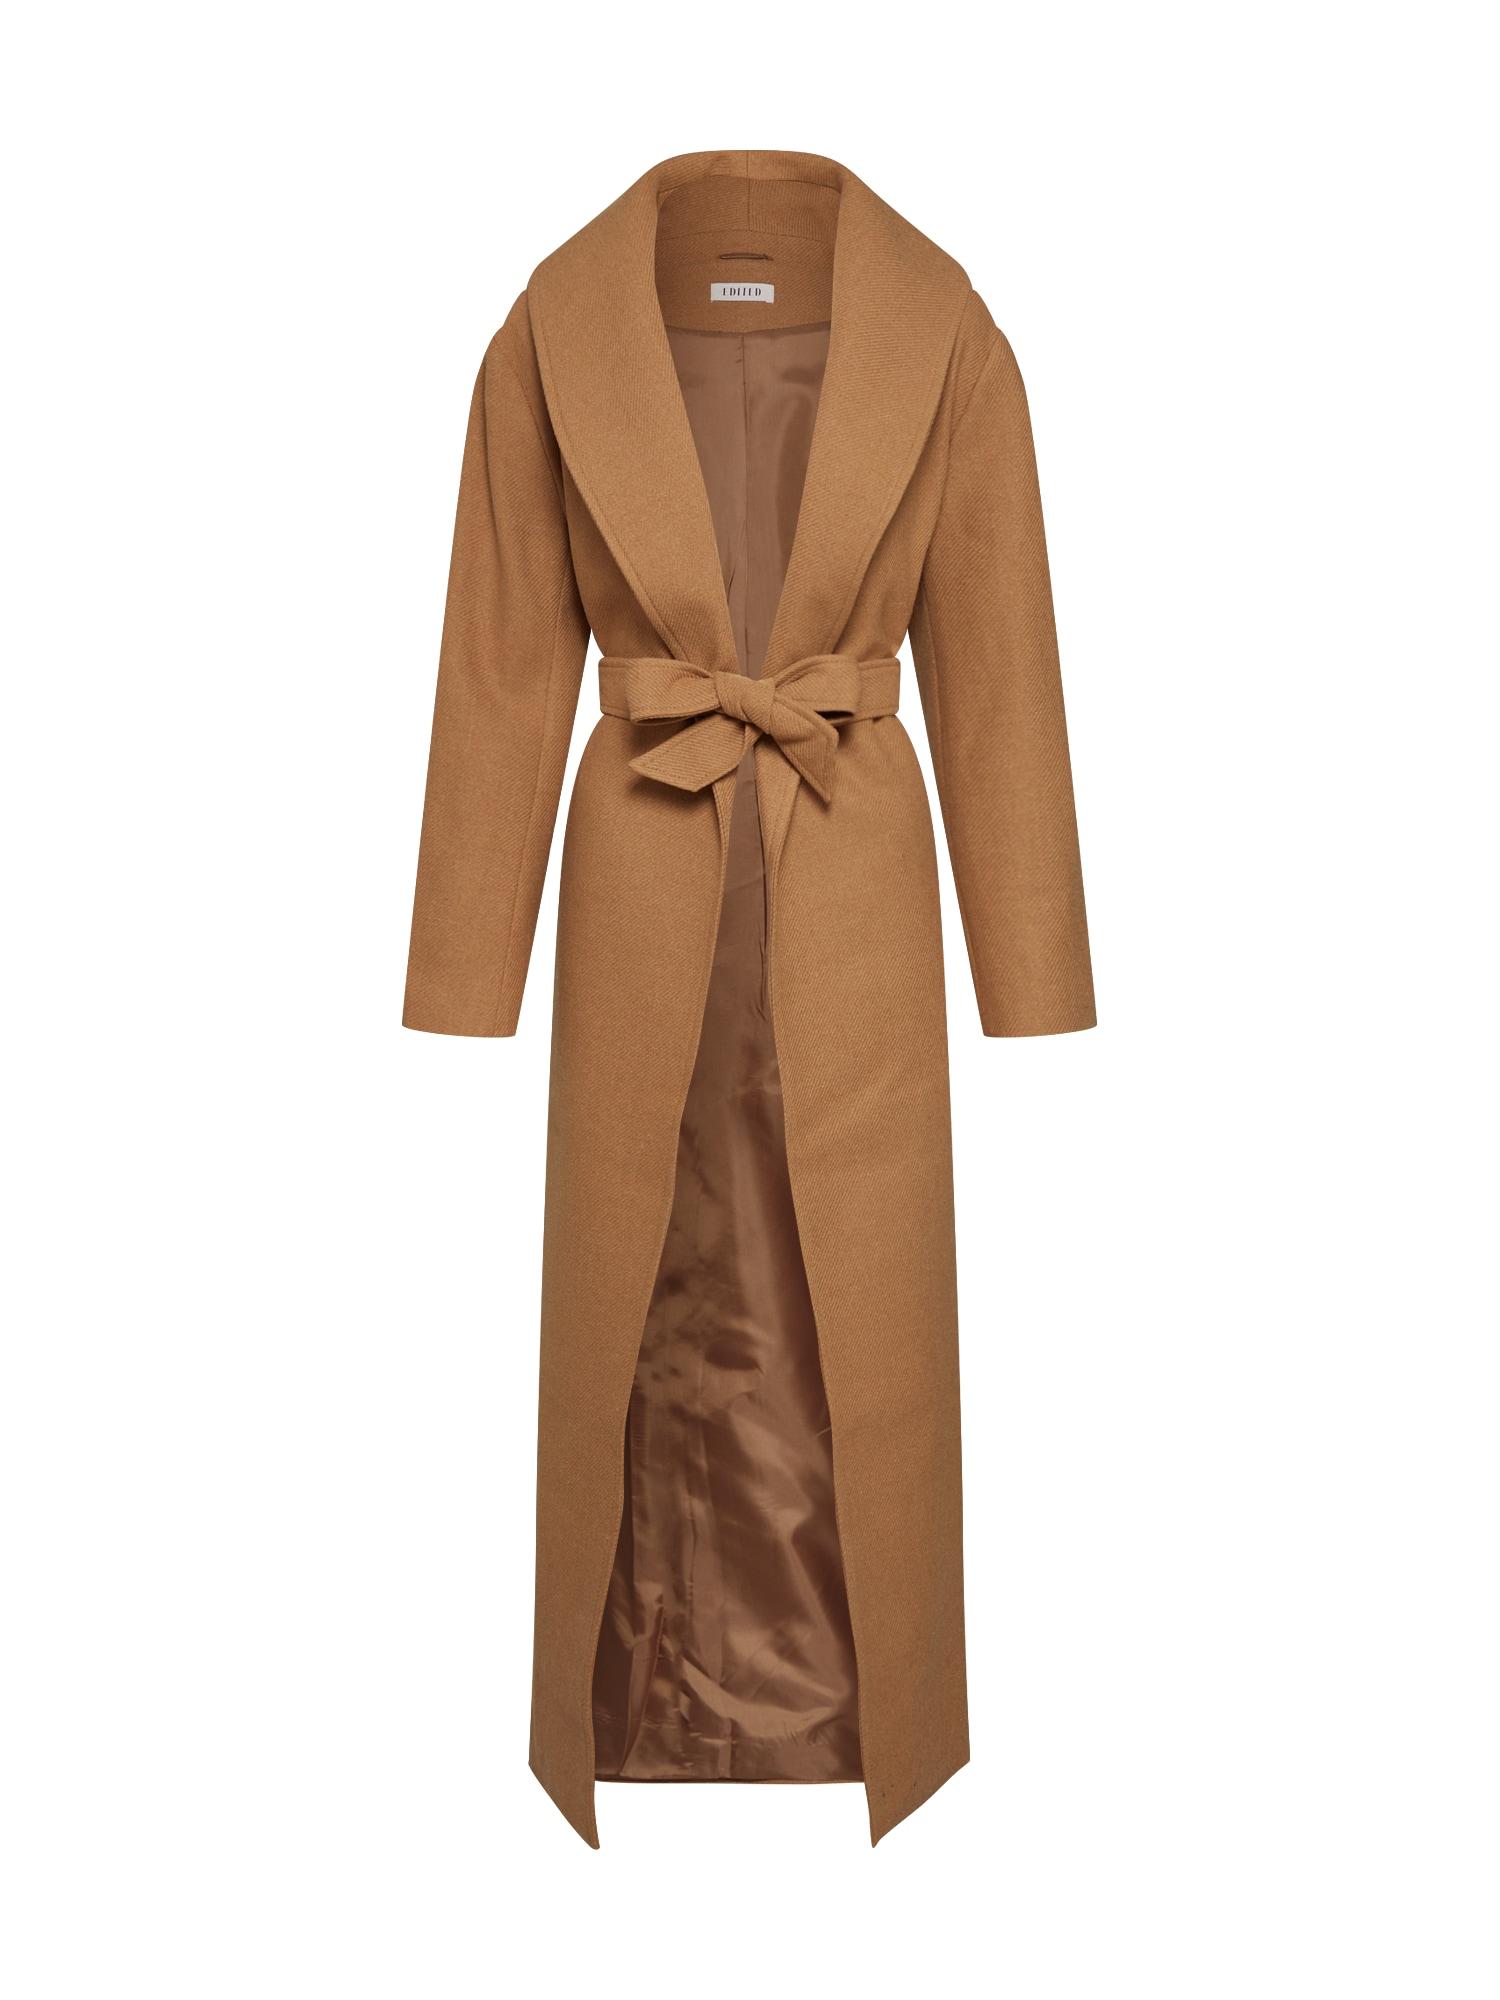 EDITED Rudeninis-žieminis paltas 'Shane' kupranugario